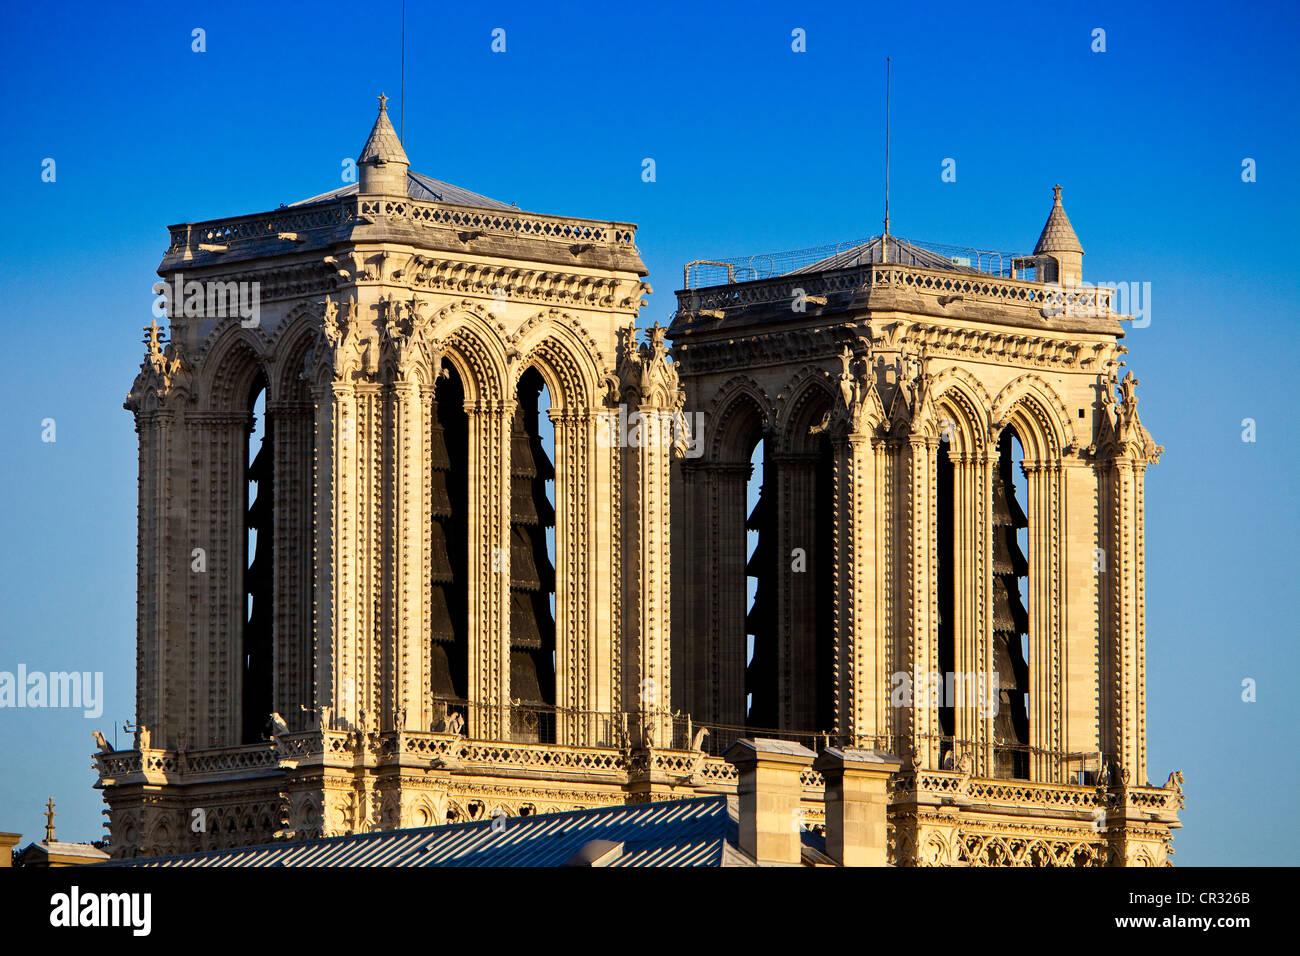 France, Paris, towers of Notre-Dame de Paris Cathedral - Stock Image